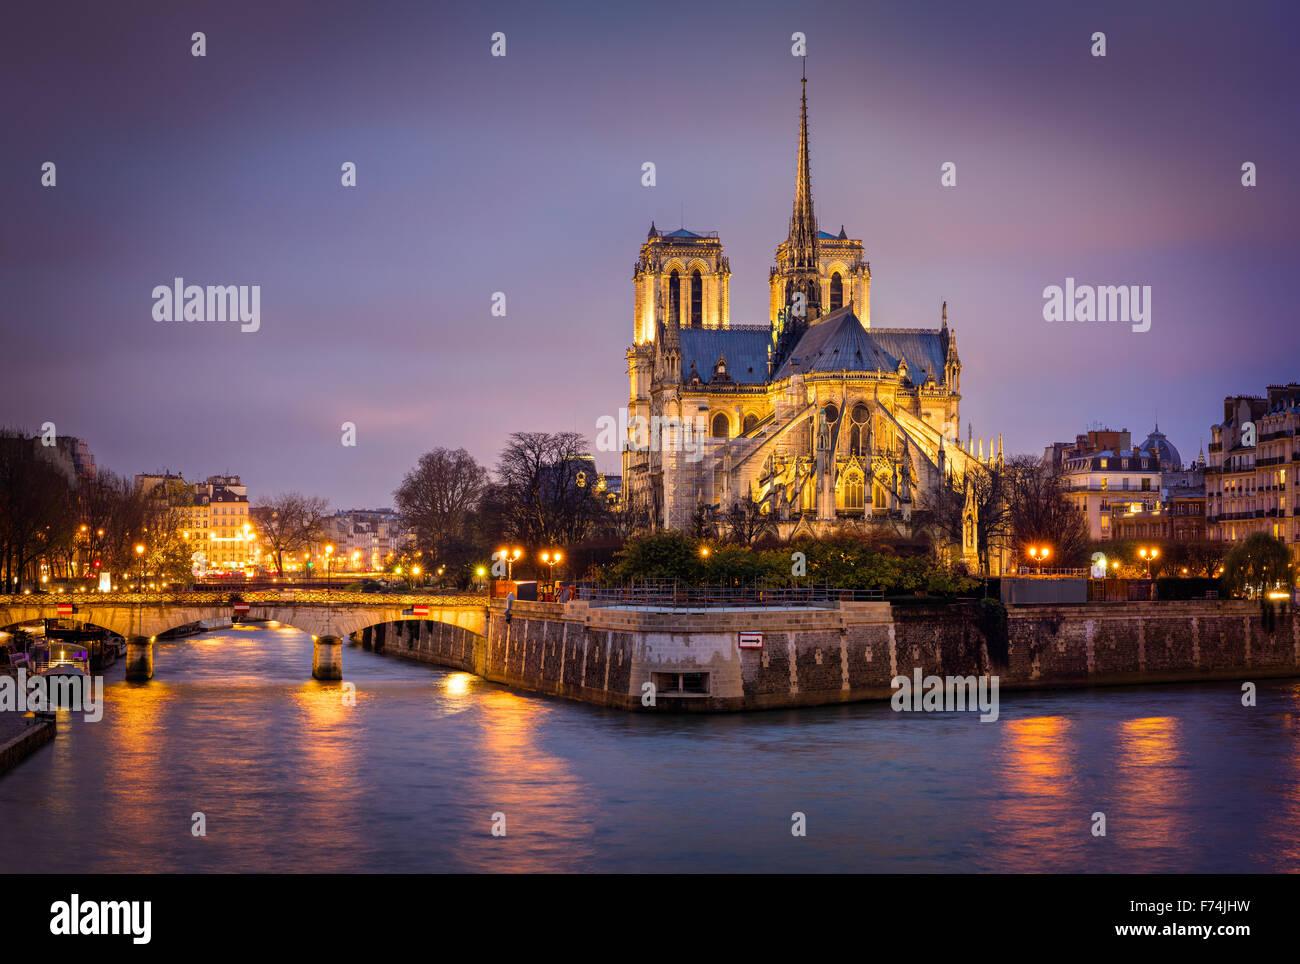 Encendida en la Catedral de Notre Dame en la Ile de La Cite con el Puente del Arzobispo y el río Sena, París, Francia. Foto de stock